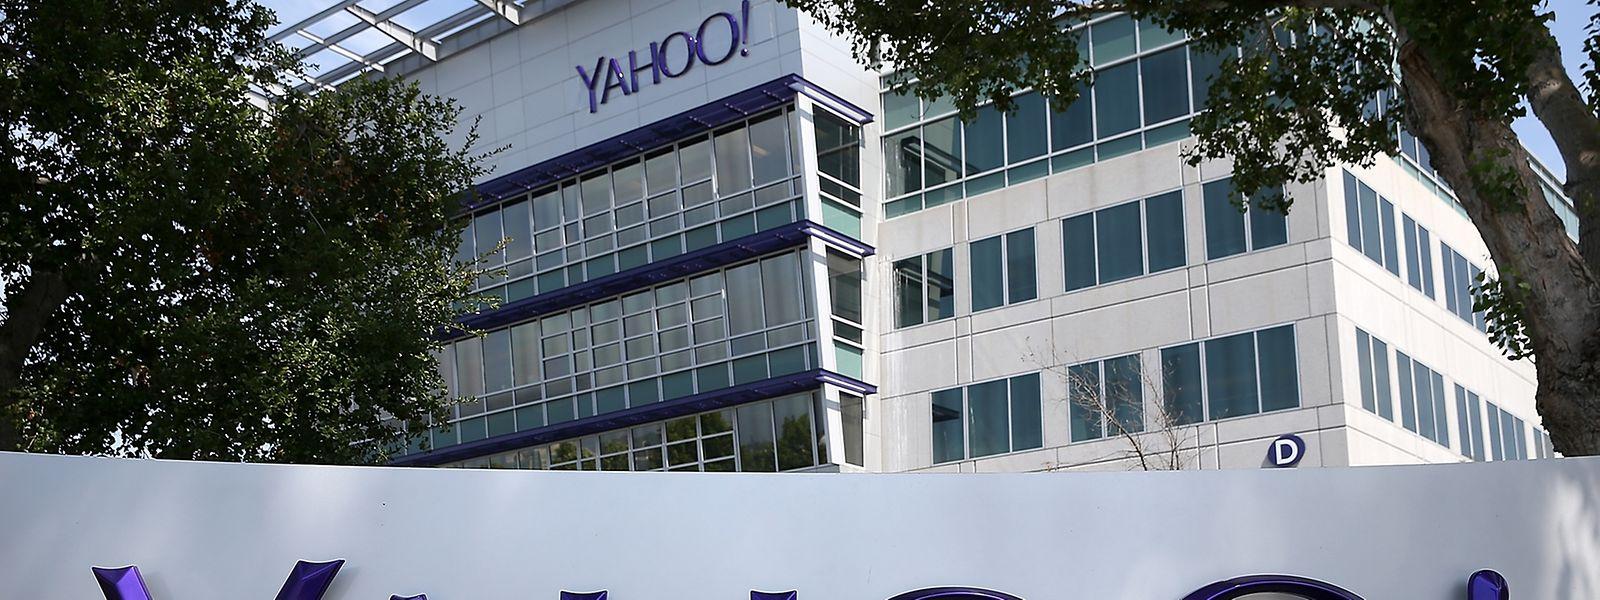 Im Hauptsitz von Yahoo in Sunnyvale herrscht derzeit Krisenstimmung.